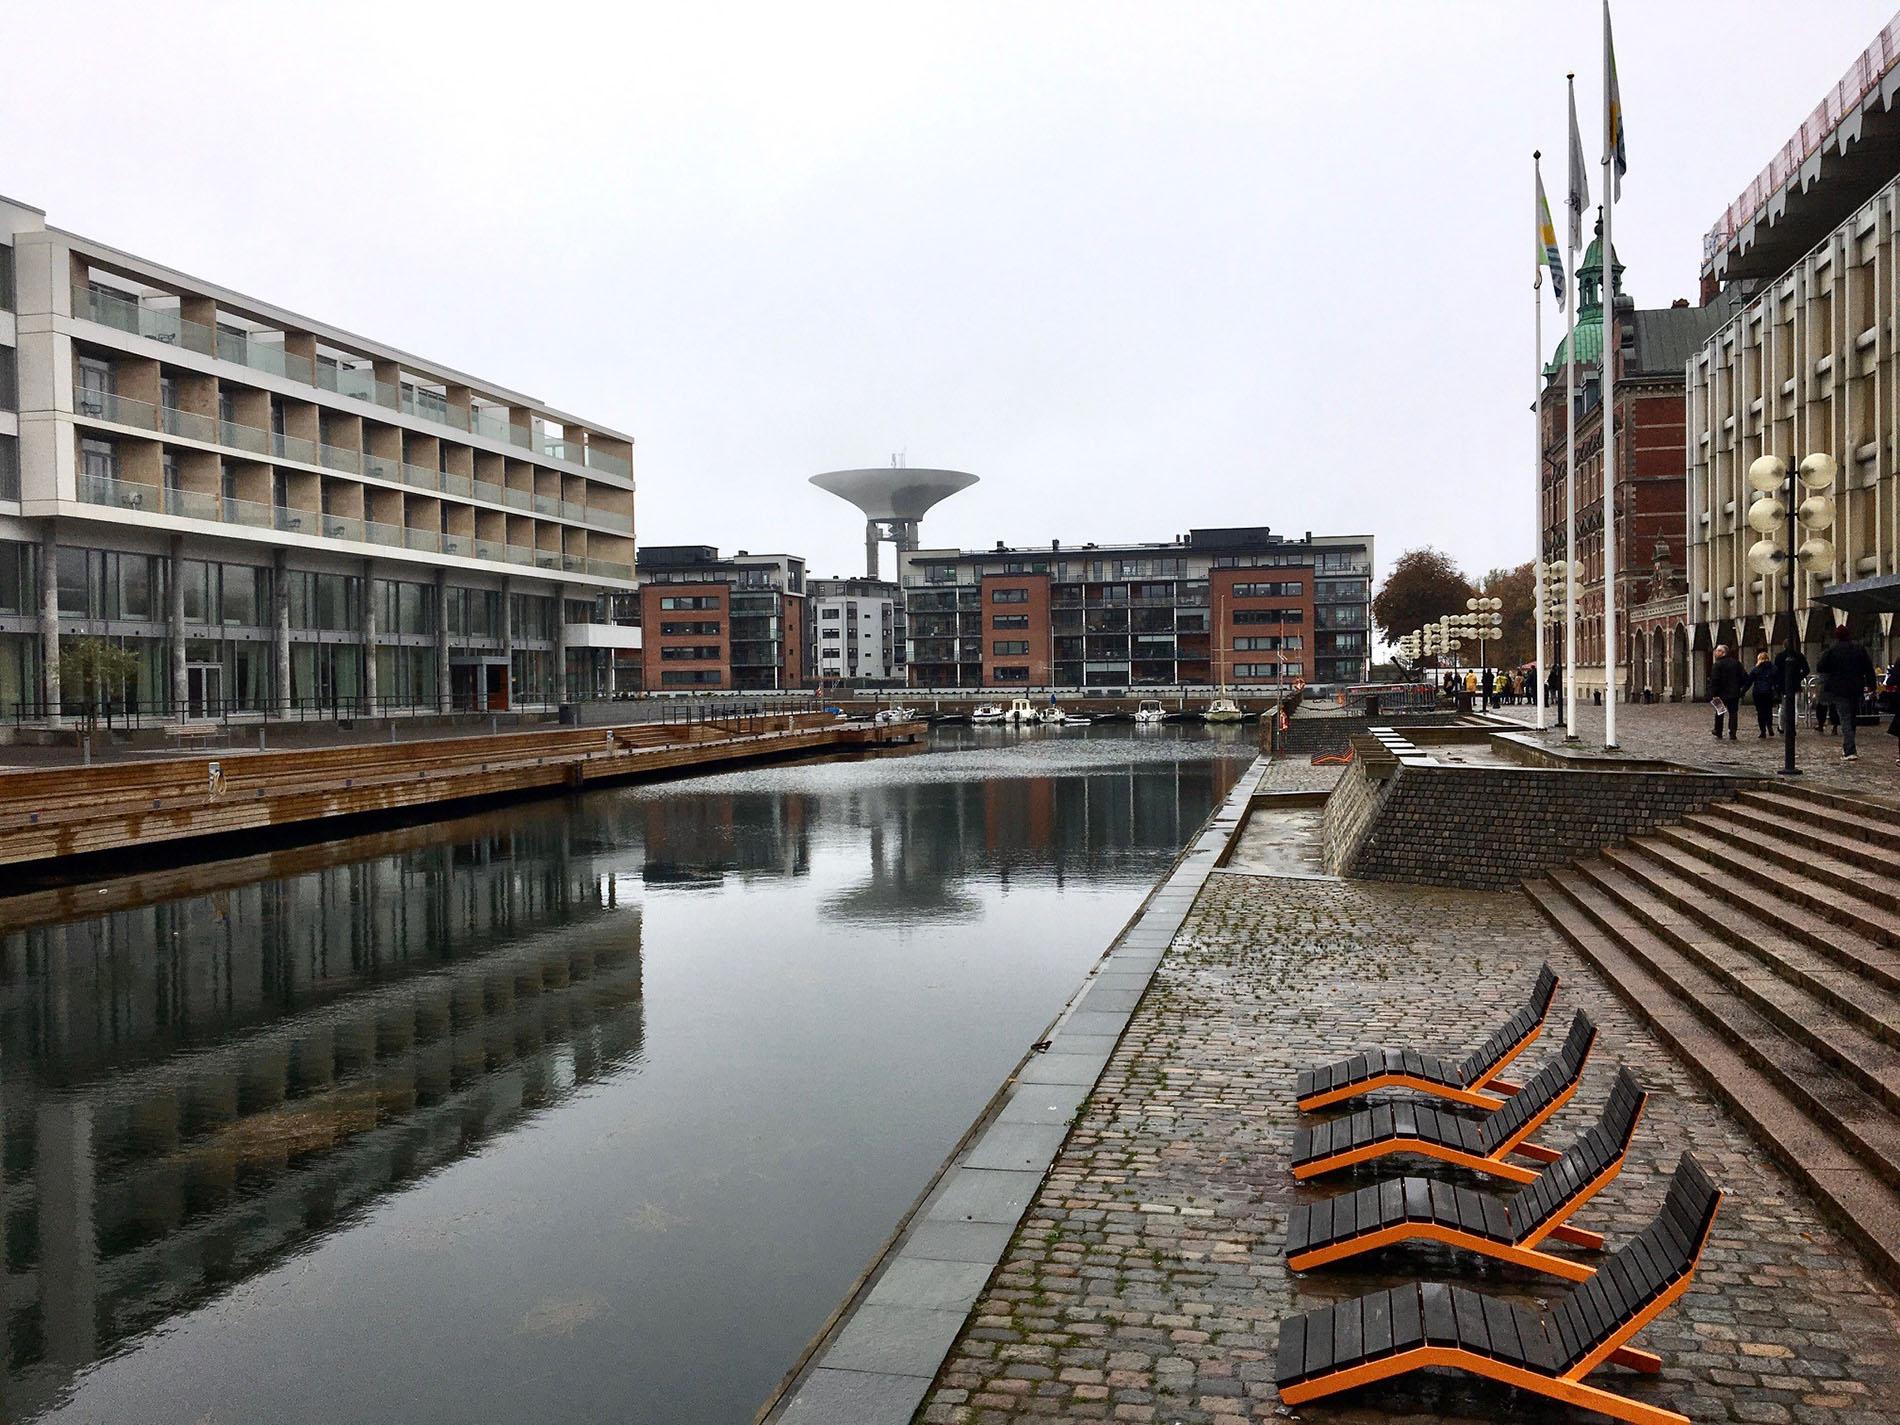 Nytt möter gammalt i Landskrona - lyckad integrering av ny form-, material- och proportionsmässigt anpassad bostadsbebyggelse och hotell i ett centralt och attraktivt läge. Till vänster Hotell Öresund Konferens och Spa samt bostadskomplex ritat av Jais arkitekter, byggnadsår 2018. I fonden den nya stadsdelen Nyhamn, till höger Stadshuset av Sten Samuelsson och Inge Stoltz, byggnadsår 1976, allt vackert inramat med en funktionell och väl gestaltad strandpromenad som ter sig inbjudande även under en grå oktoberdag. Foto: Emina Kovacic